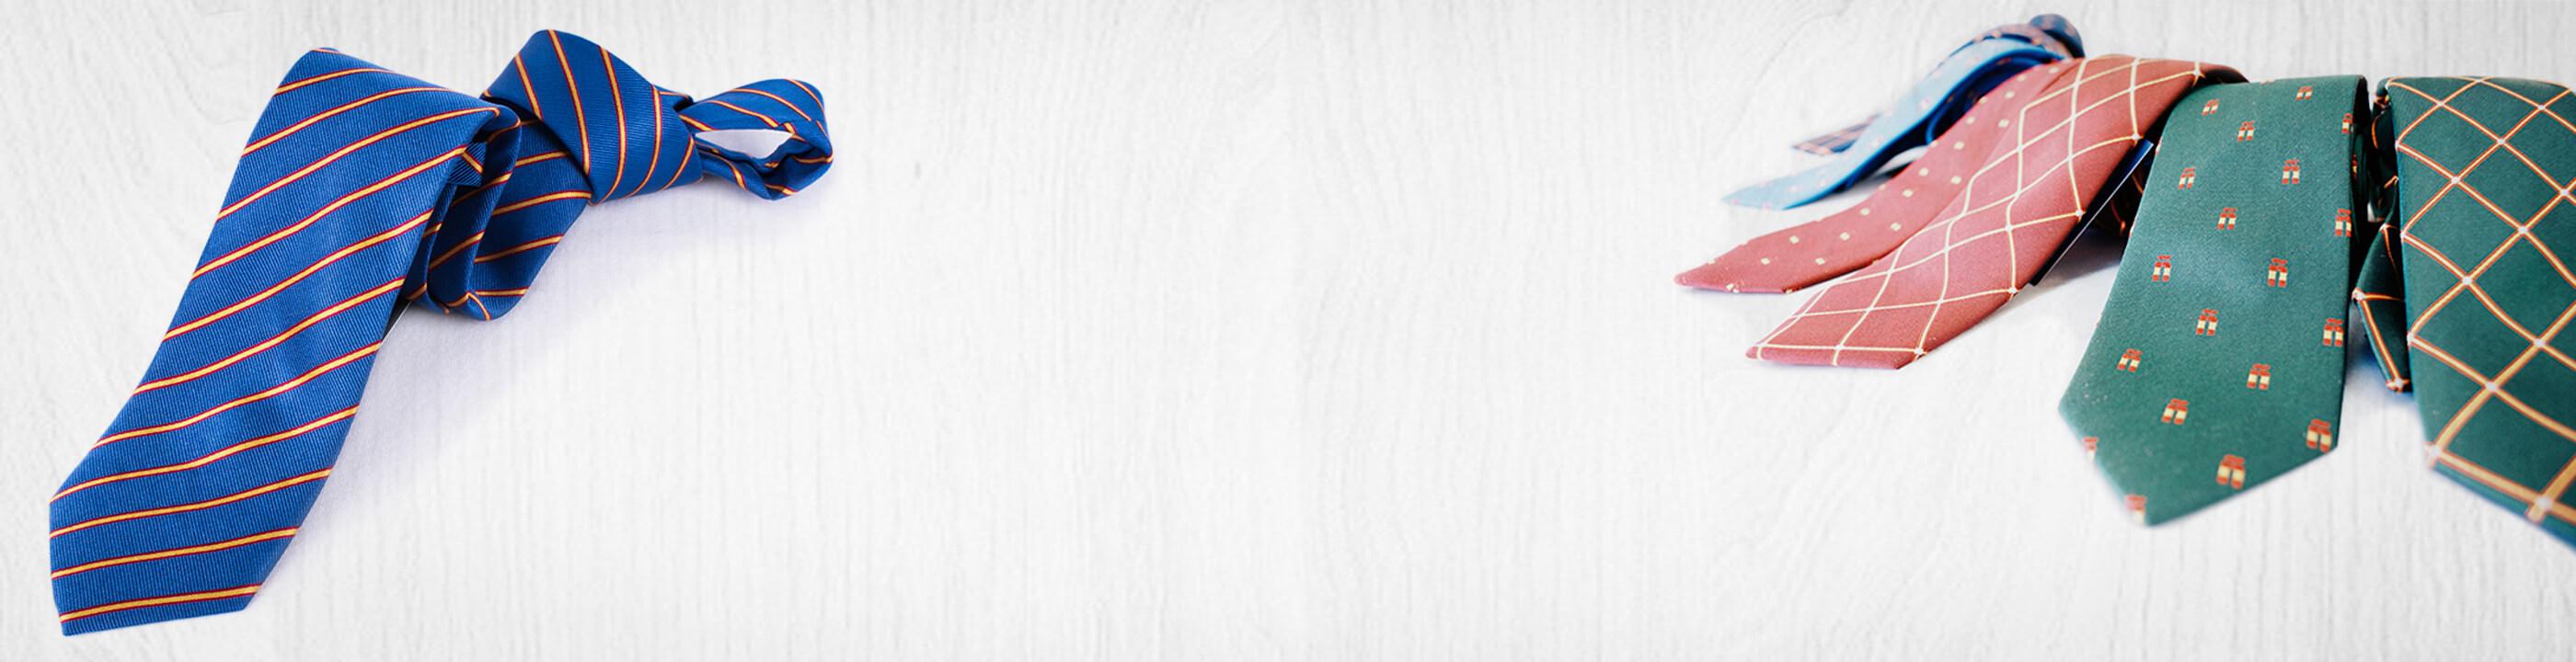 La mayor colección de Corbatas de caballero, HOMBRE con la Bandera de España en seda natural. Escarapelas, Mástiles, Bandera España, Náuticas, Orden militares, Cruz de Santiago, toreras, etc..